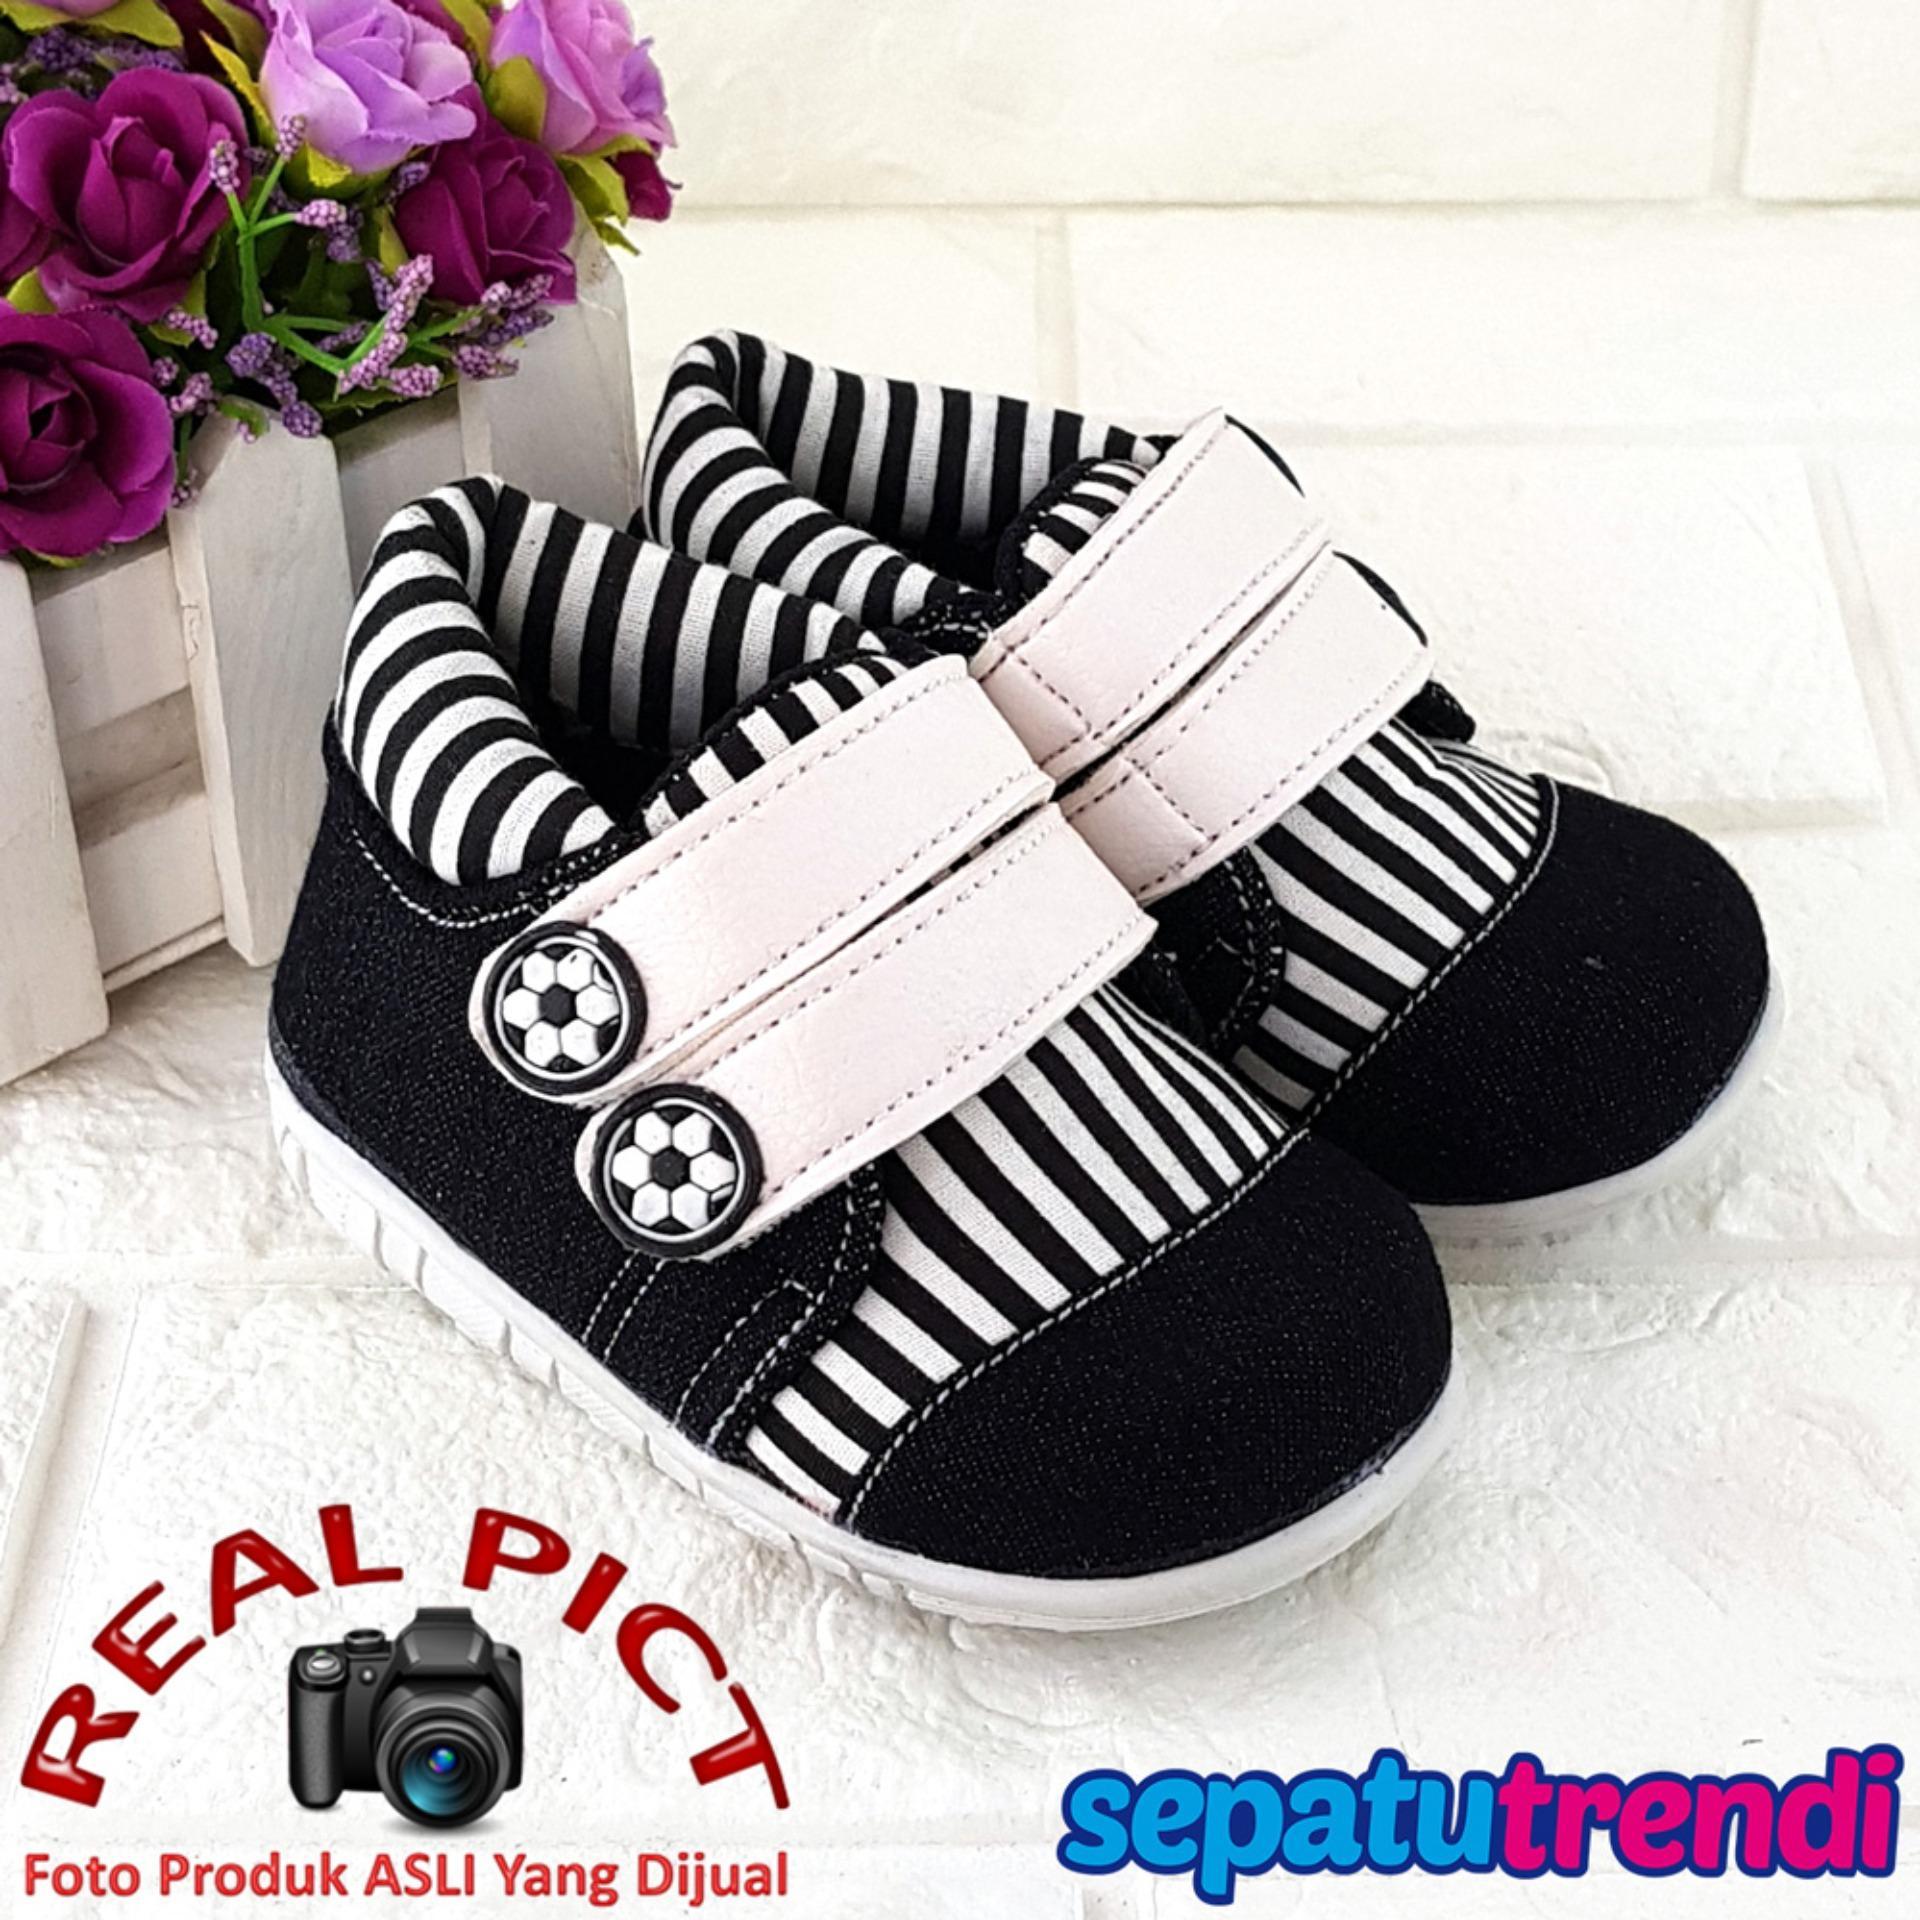 Spesifikasi Trendi Sepatu Low Boot Anak Laki Batita Salur Jvnslr Merk Trendi